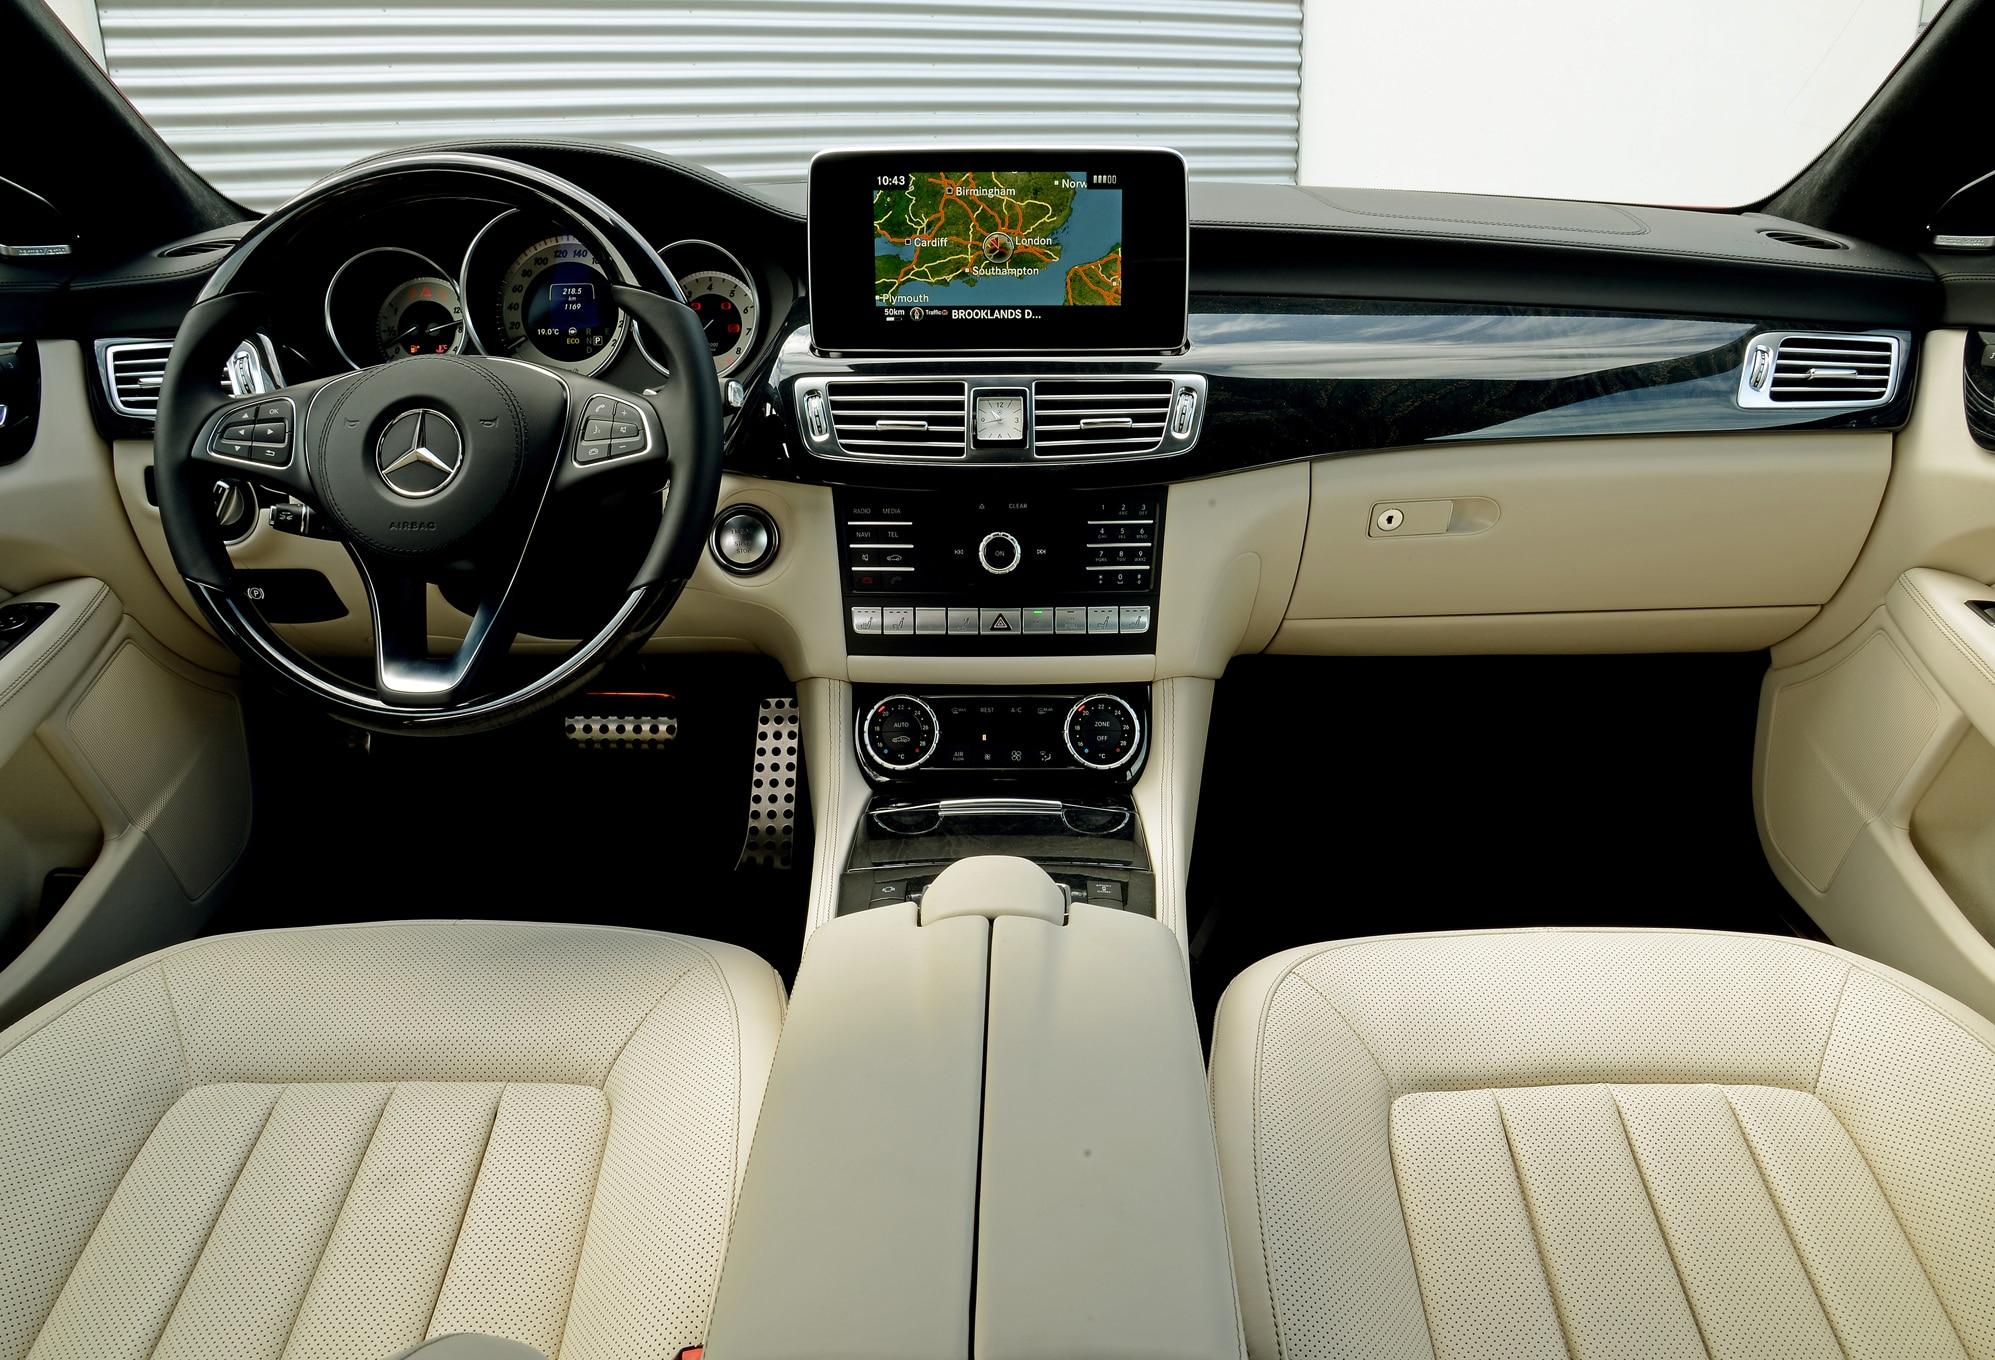 2015 Mercedes Benz CLS Class Review